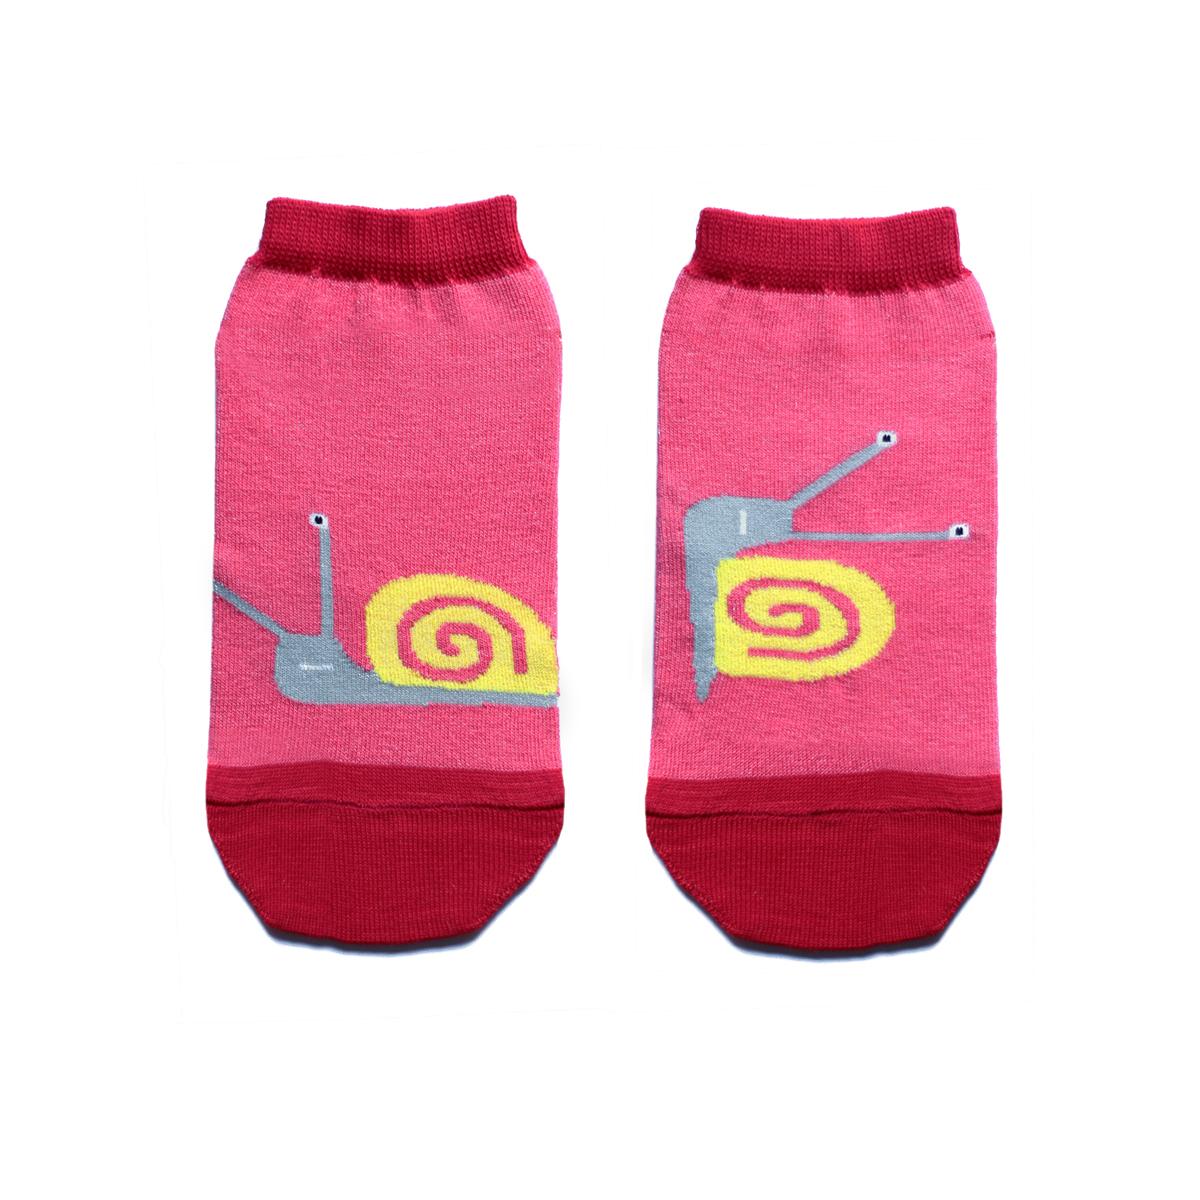 Носки мужские. ca1632ca1632Укороченные мужские носки Big Bang Socks изготовлены из высококачественного хлопка с добавлением полиамидных и эластановых волокон, которые обеспечивают великолепную посадку. Носки отличаются ярким стильным дизайном, они оформлены изображением улиток. Удобная резинка идеально облегает ногу и не пережимает сосуды, а усиленные пятка и мысок повышают износоустойчивость носка. Дизайнерские носки Big Bang Socks - яркая деталь в вашем образе и оригинальный подарок для друзей и близких.